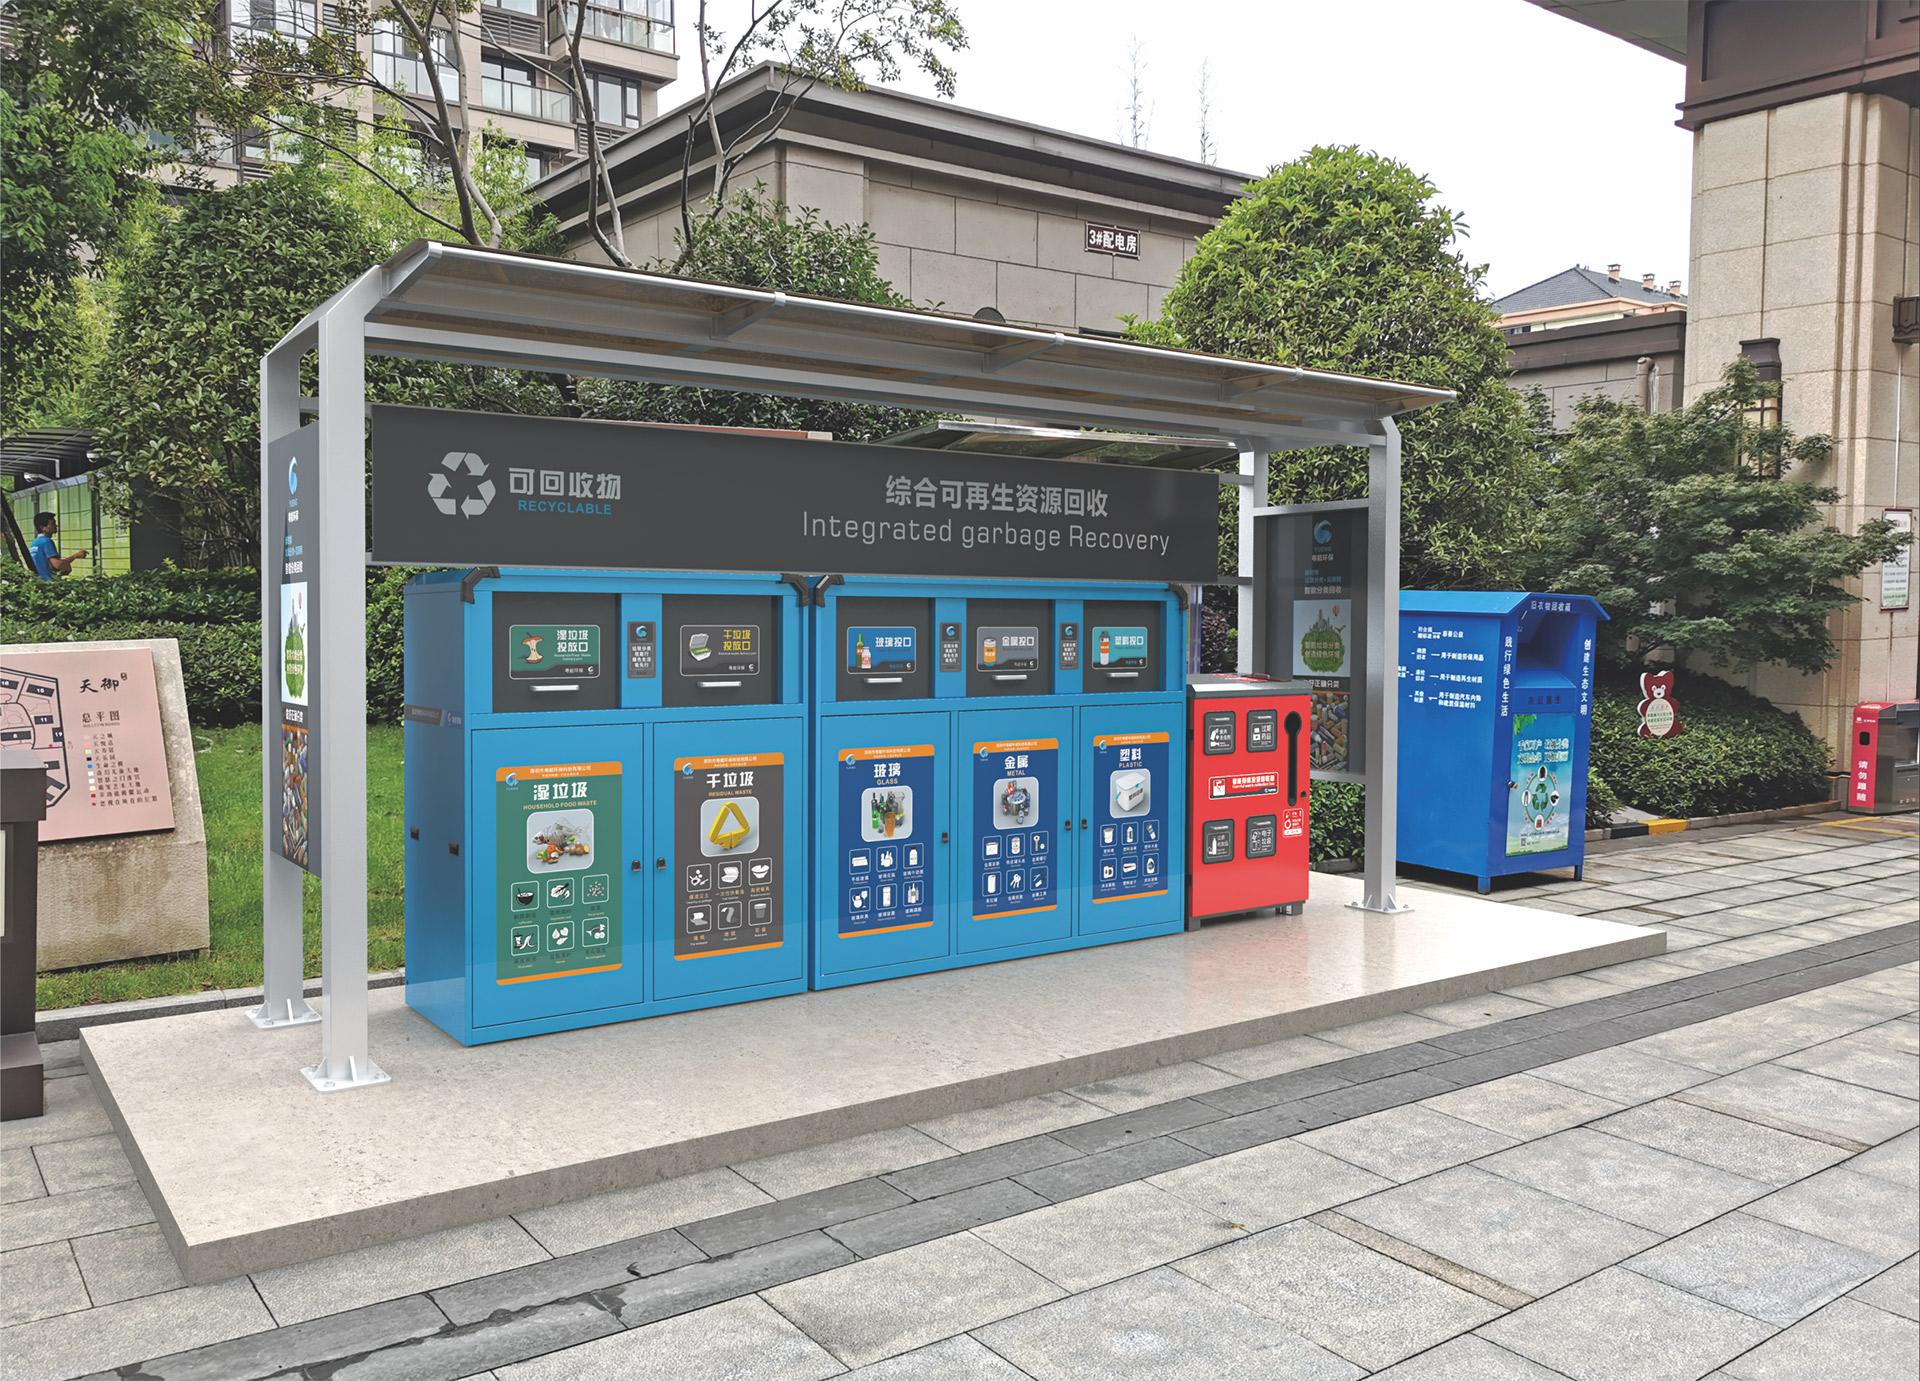 重点城市生活垃圾分类经验报道   广州垃圾分类的模式:全智能垃圾分类,全链条提升、全方位覆盖、全社会参与